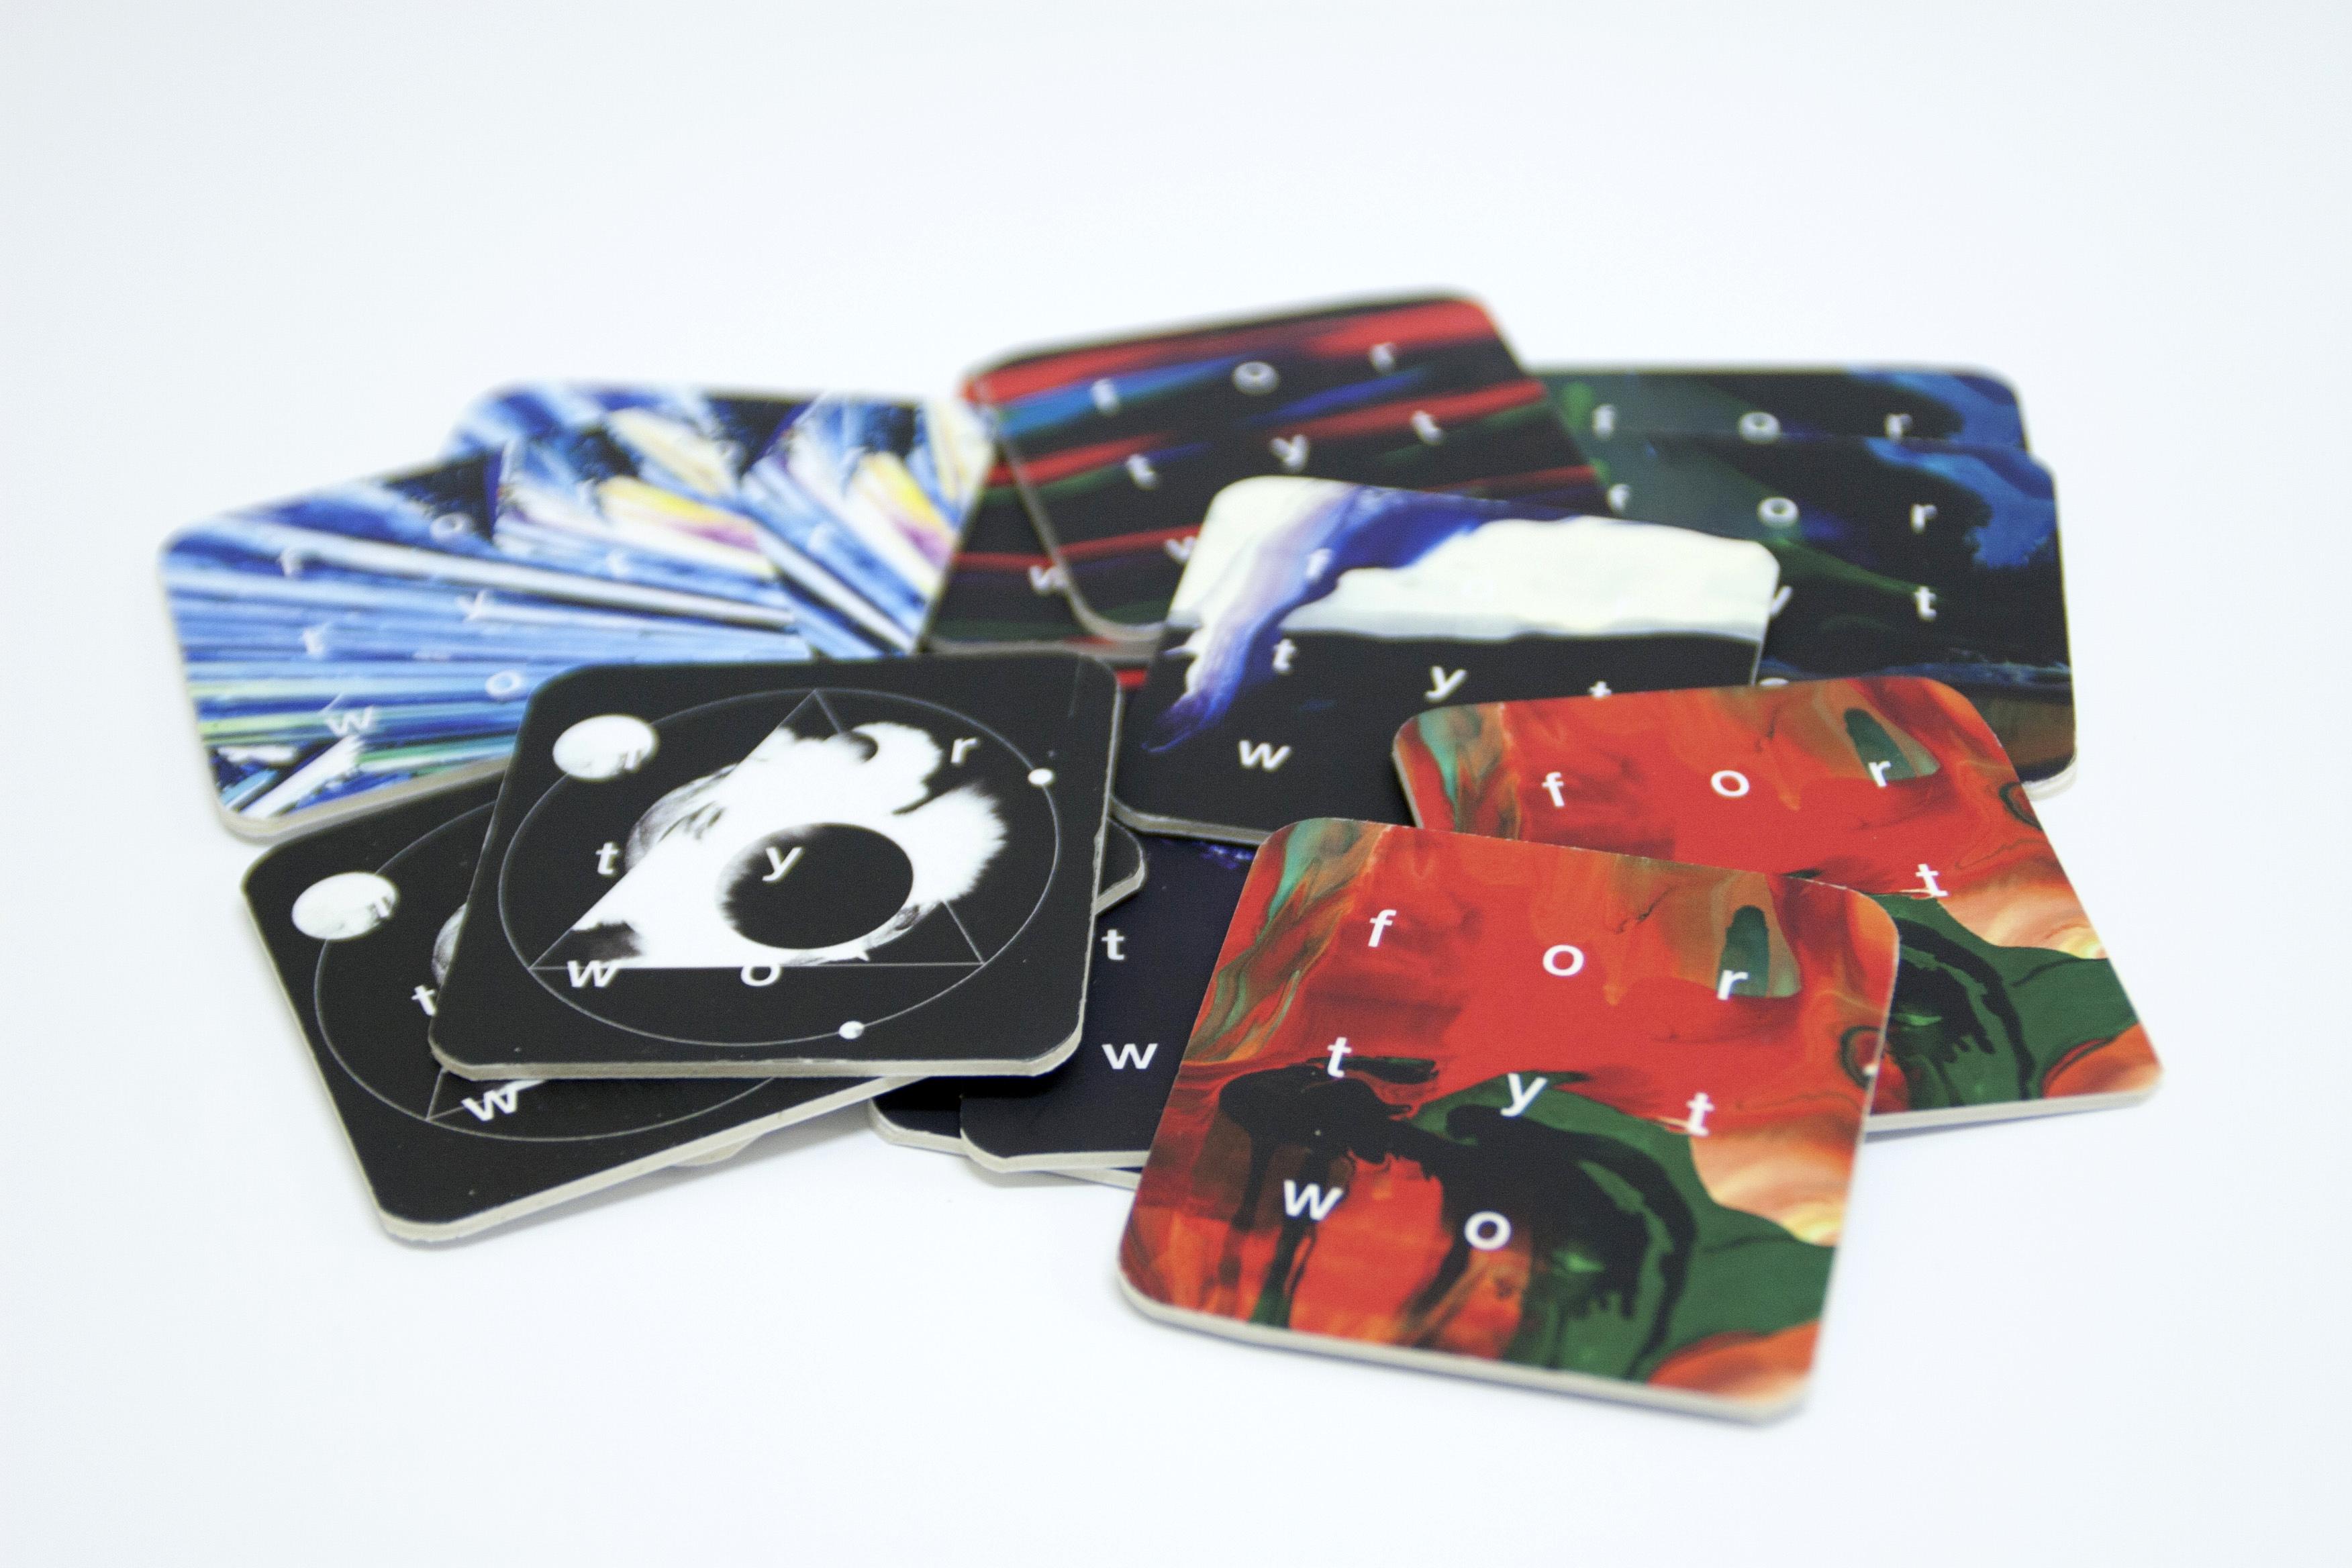 Оригинальные и необычные визитки в виде костеров (бирдекелей)